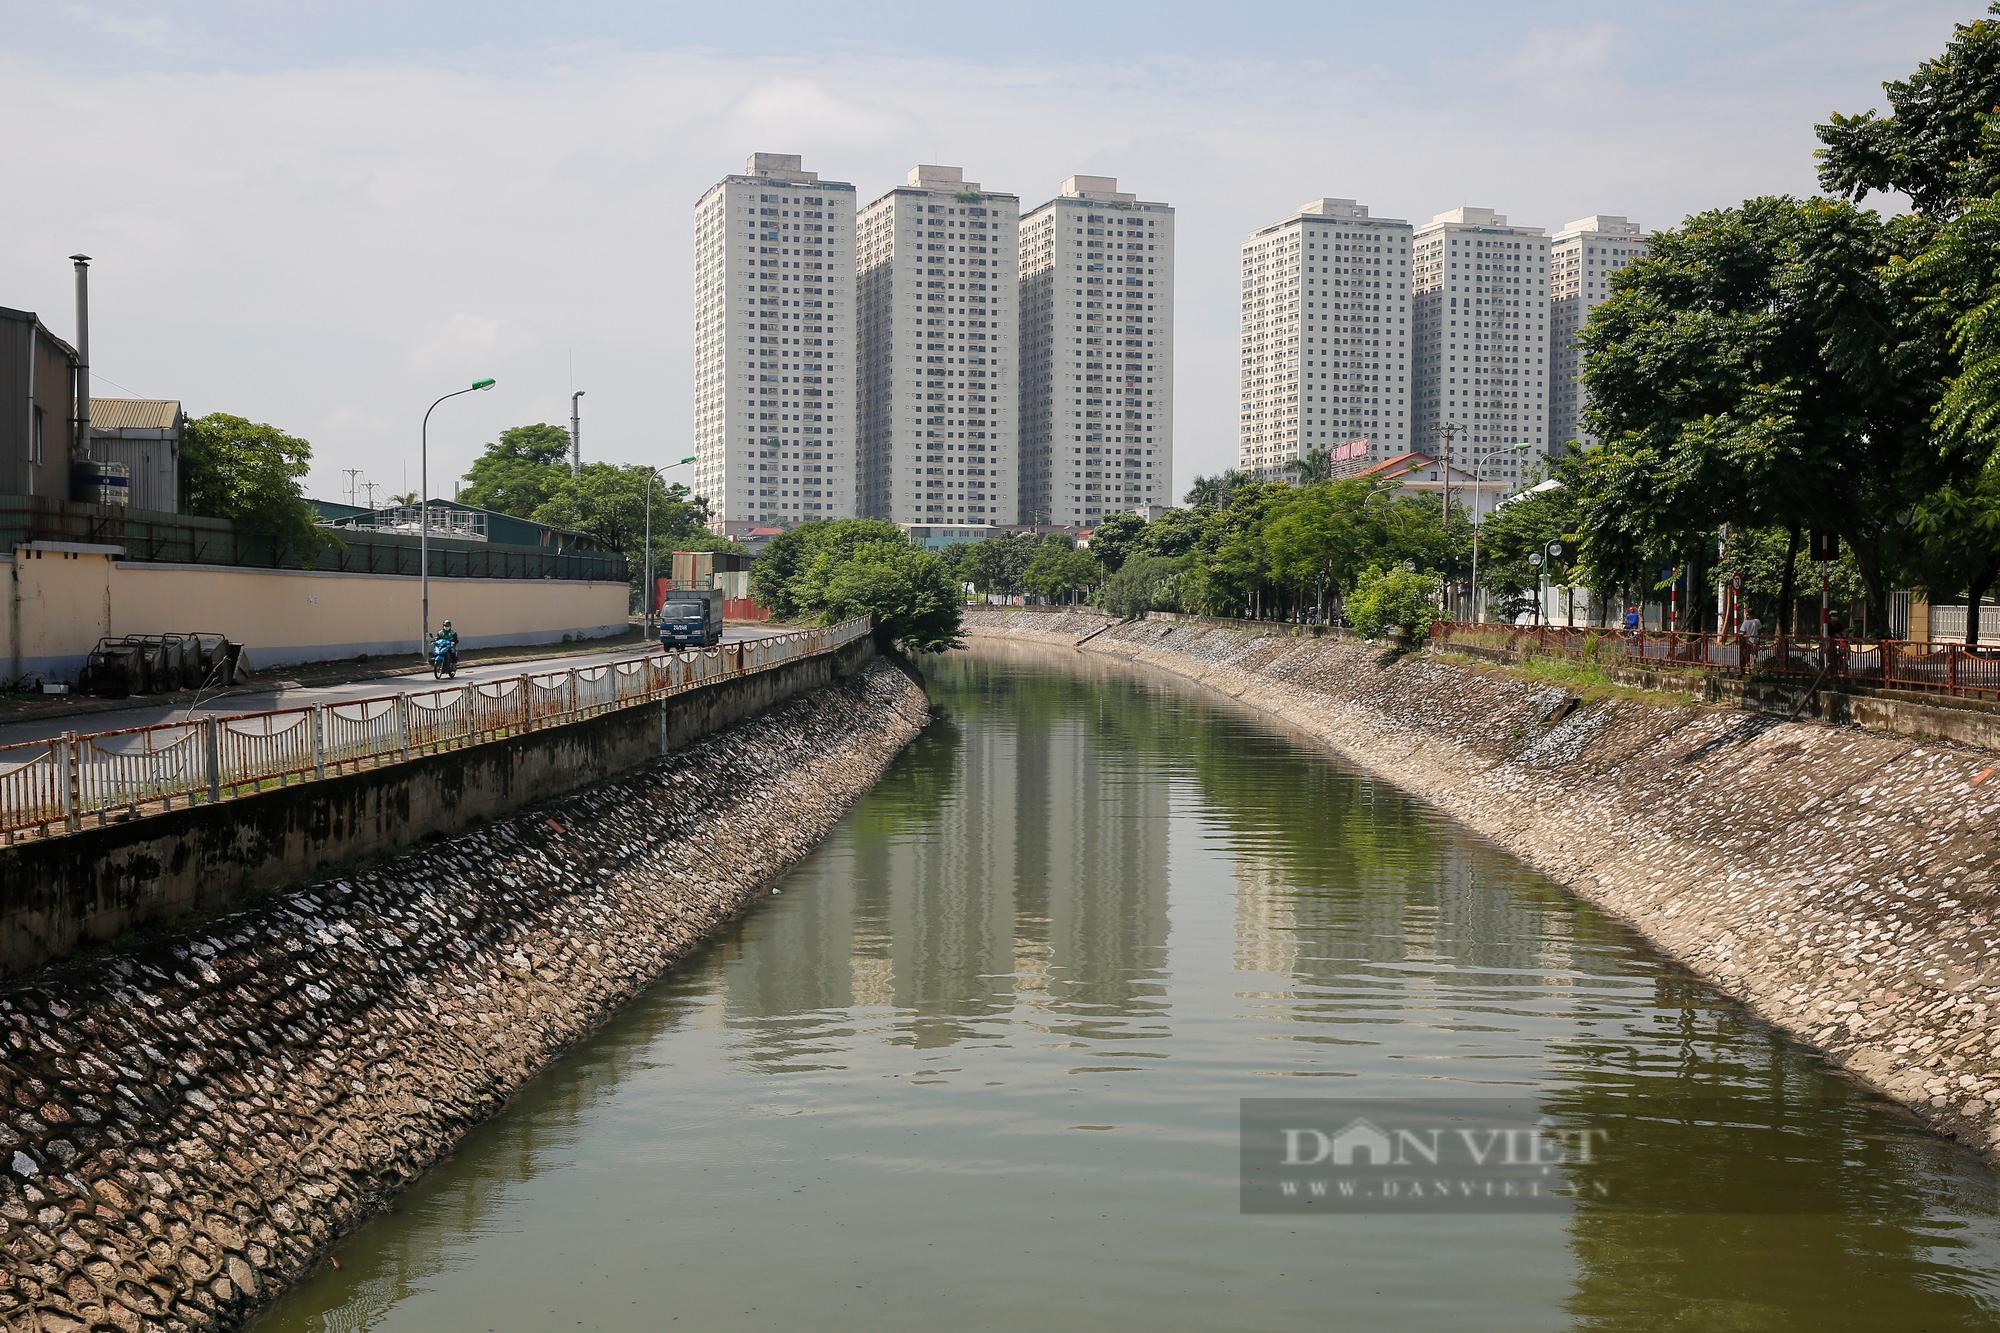 Vẻ đẹp khác lạ của con sông ô nhiễm nhất Hà Nội sau khi đổi màu nước - Ảnh 9.